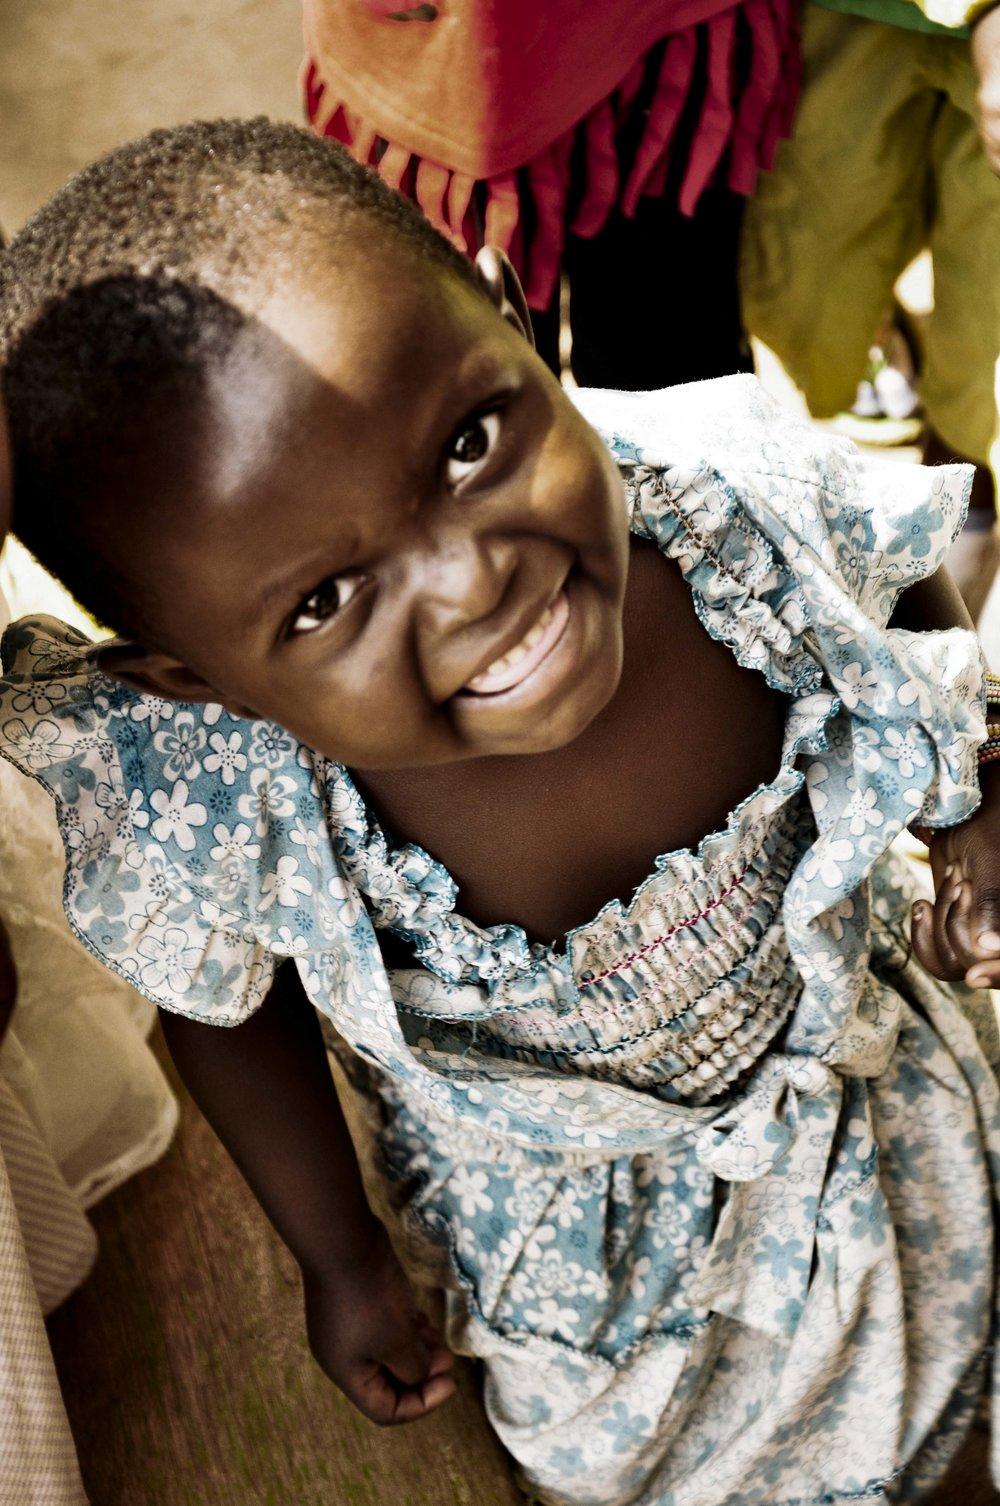 FRANCESCAVOLPI_CONGO_NGO 14.jpg